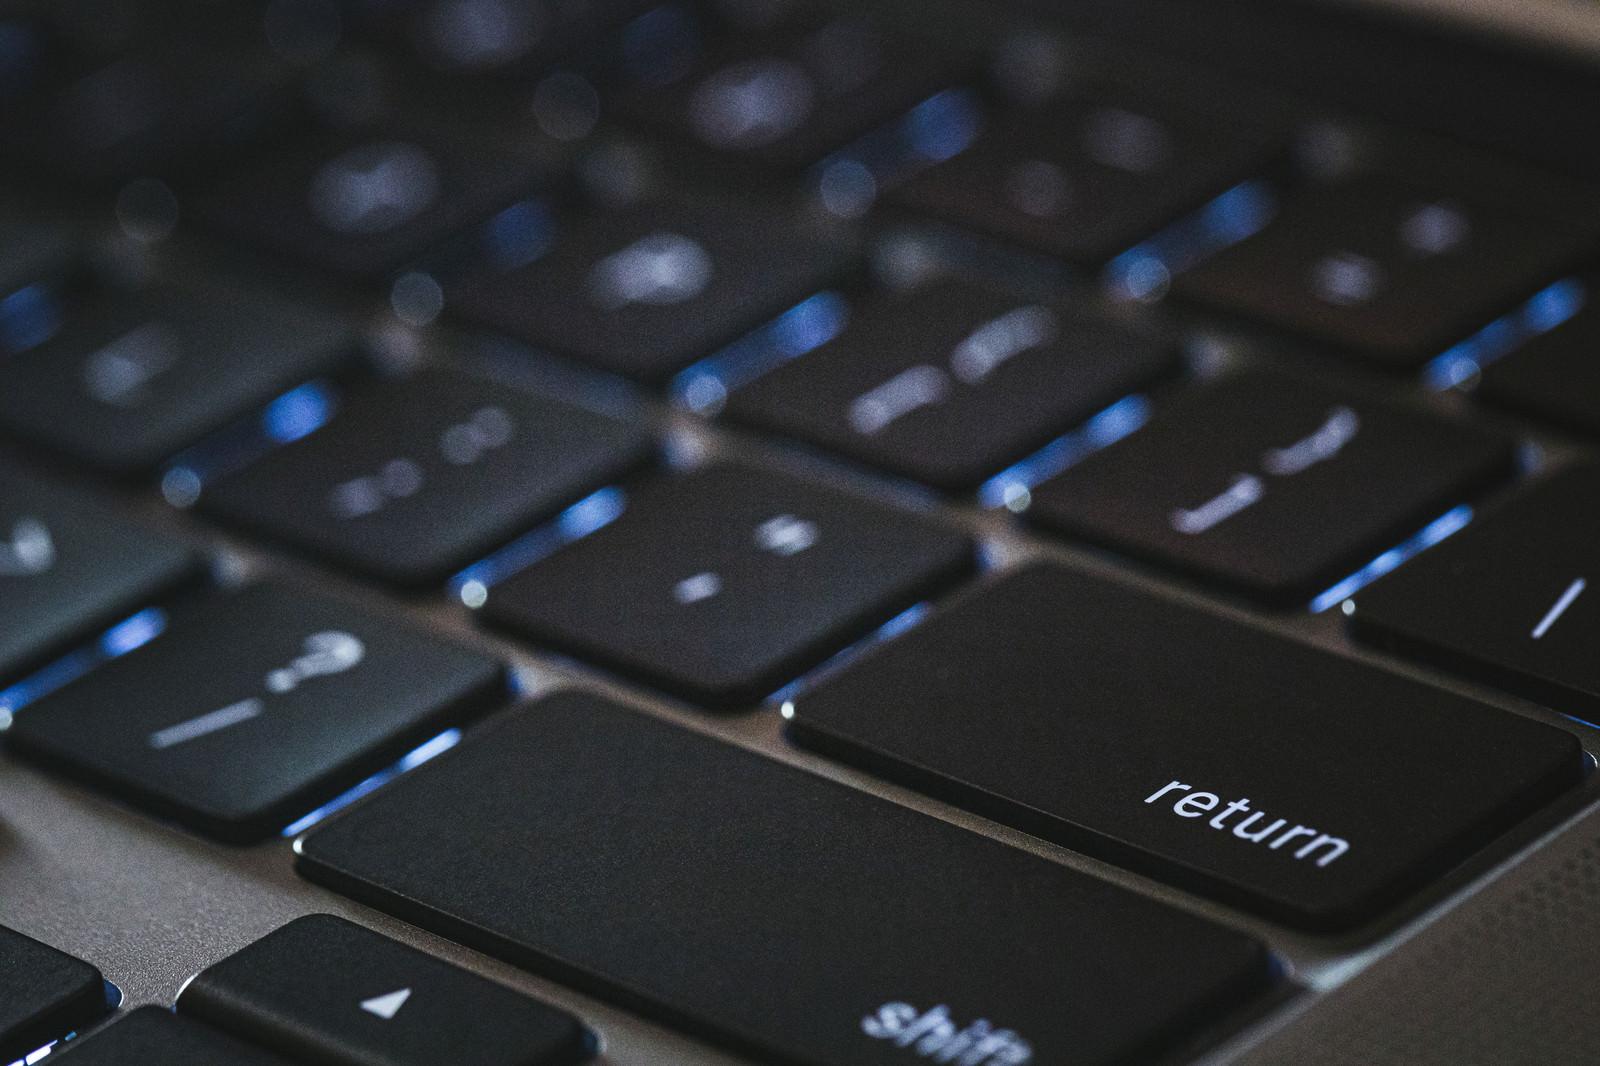 「ライトがついたリターンキー(Macbook)」の写真